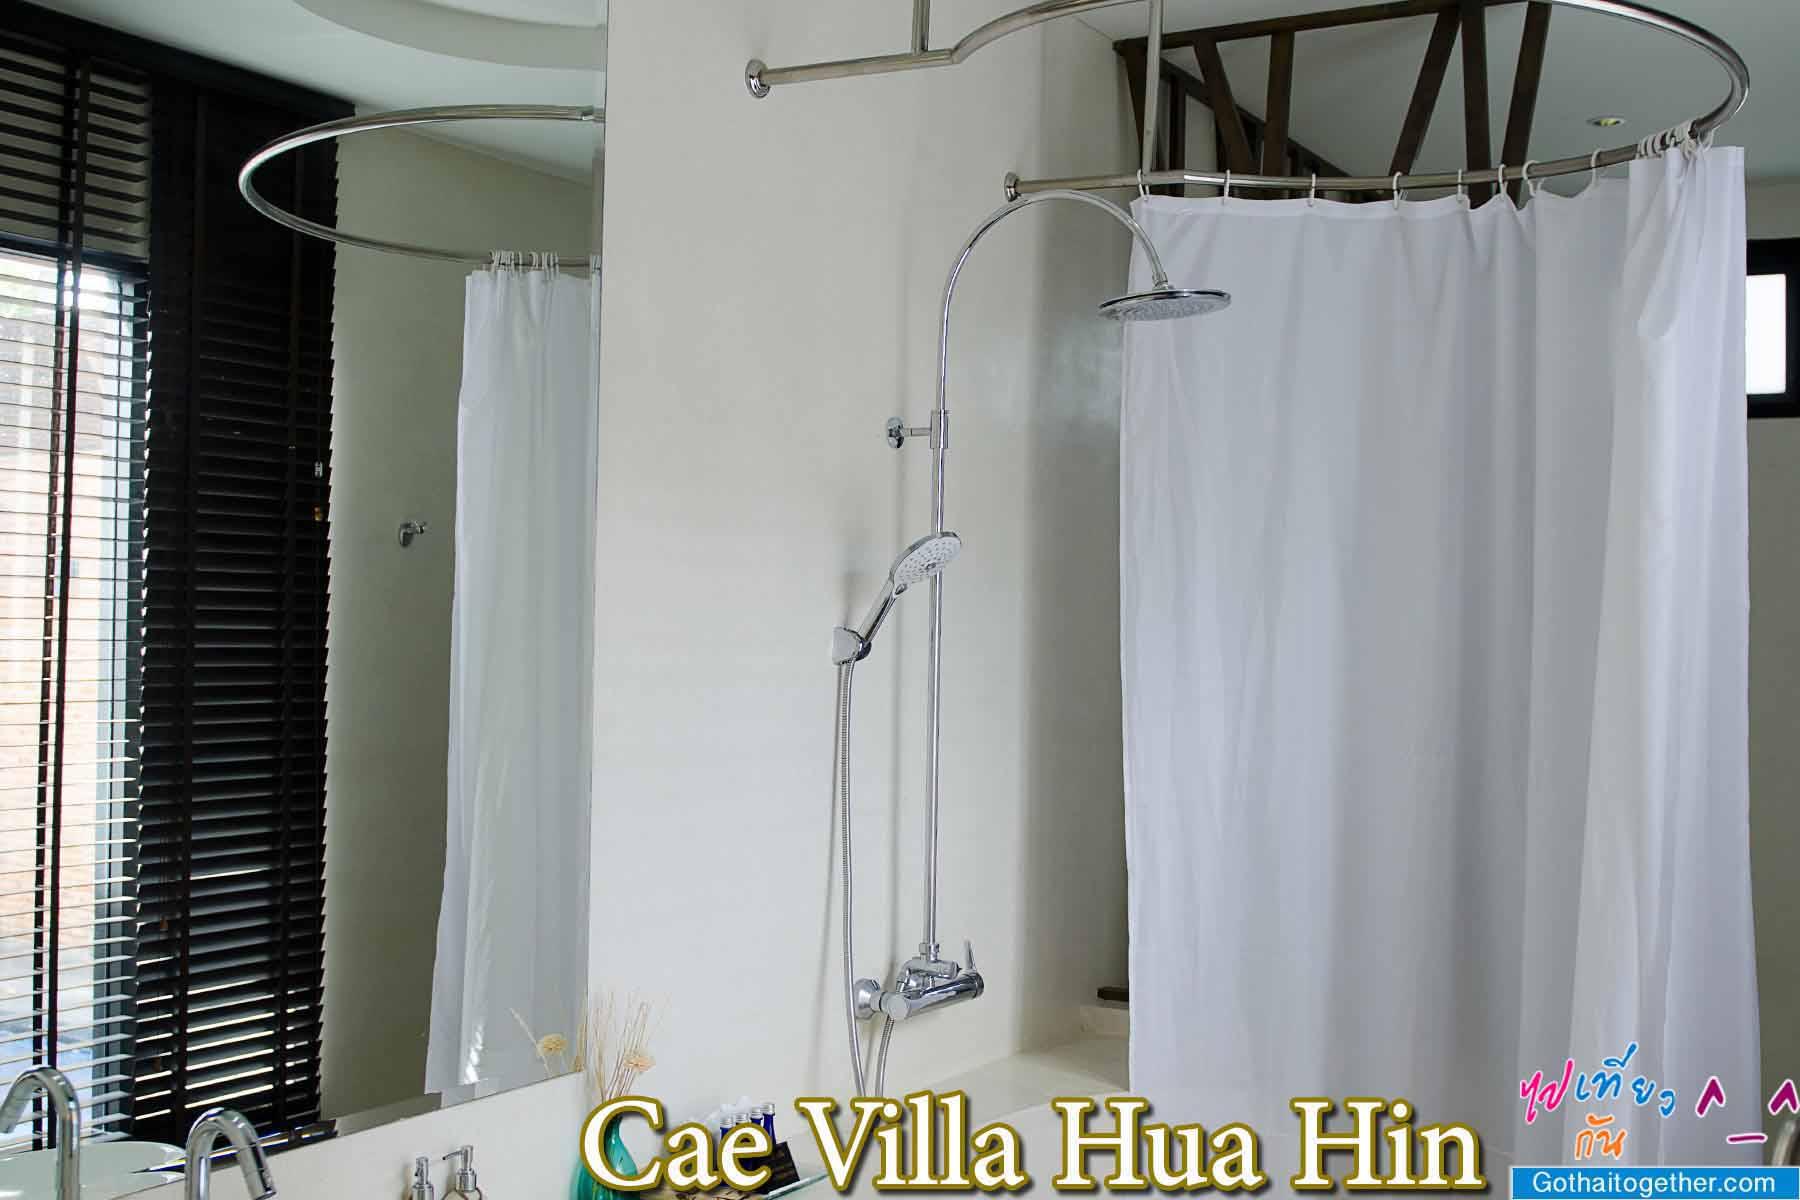 Cae Villa Hua Hin 41